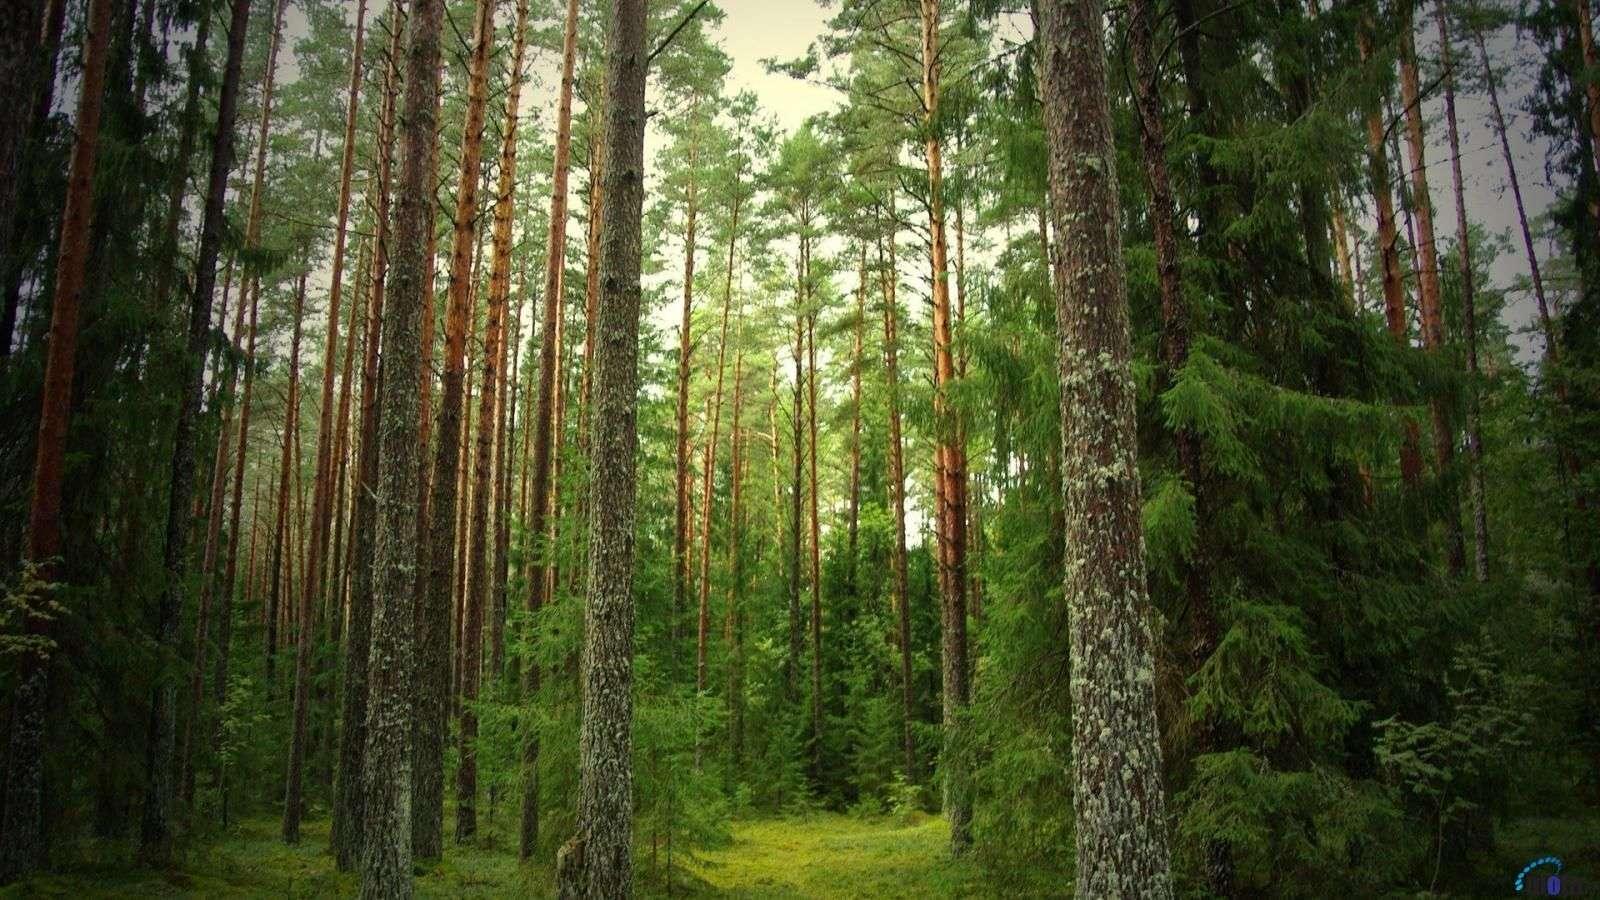 Η νεολιθική γεωργική επανάσταση απαιτούσε φωτιά για να αλλάξει τη φυσική βλάστηση από αιώνια τοπία σε ετήσιας βλάστησης κυριαρχούμενα τοπία. Έχει υποστηριχθεί ότι οι άνθρωποι προτιμούσαν να ζουν σε μέρη που είναι επιρρεπή σε πυρκαγιές,